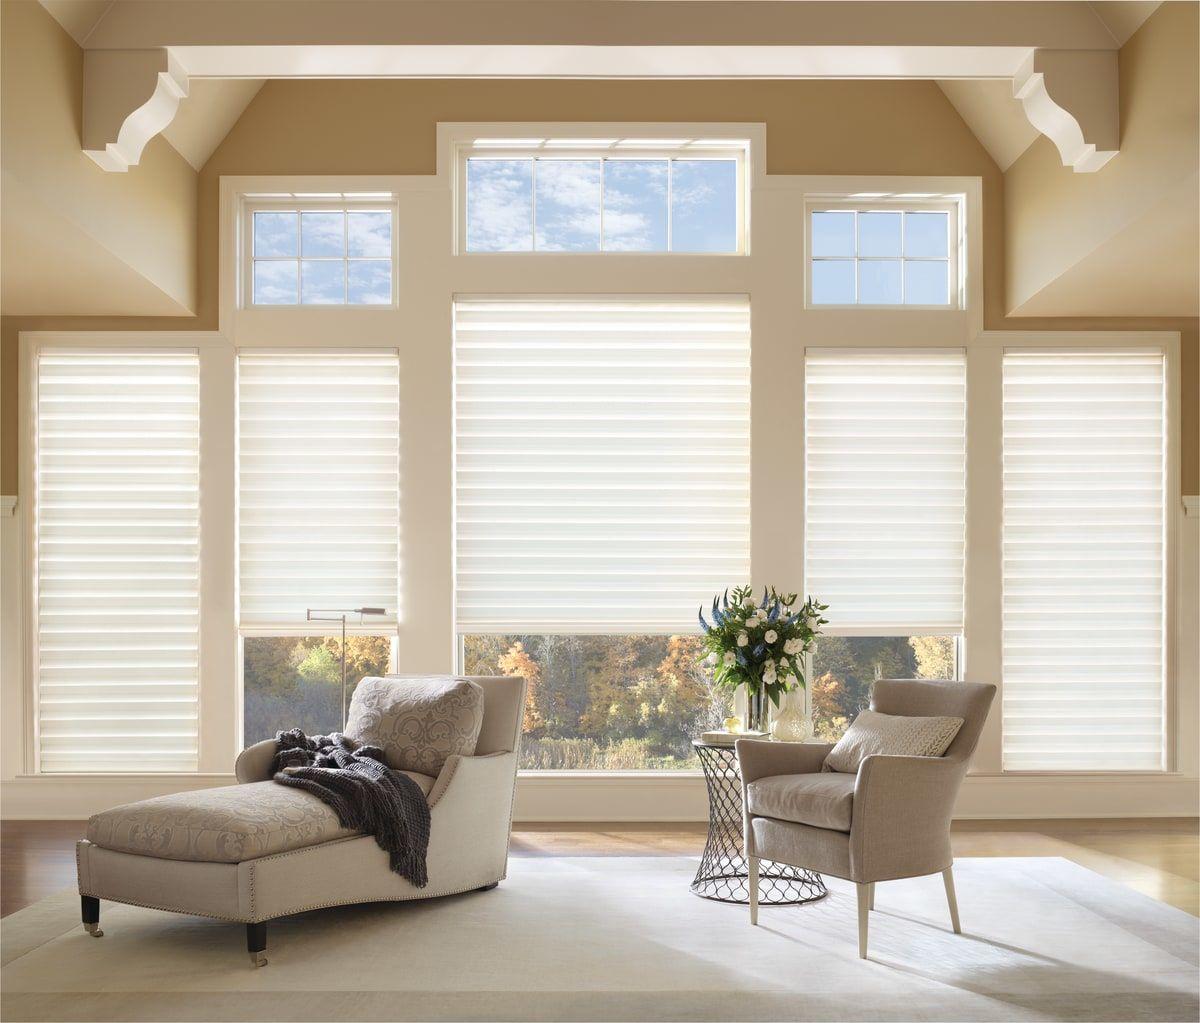 solera shades -lovitt blinds & drapery www.lovittblinds.com